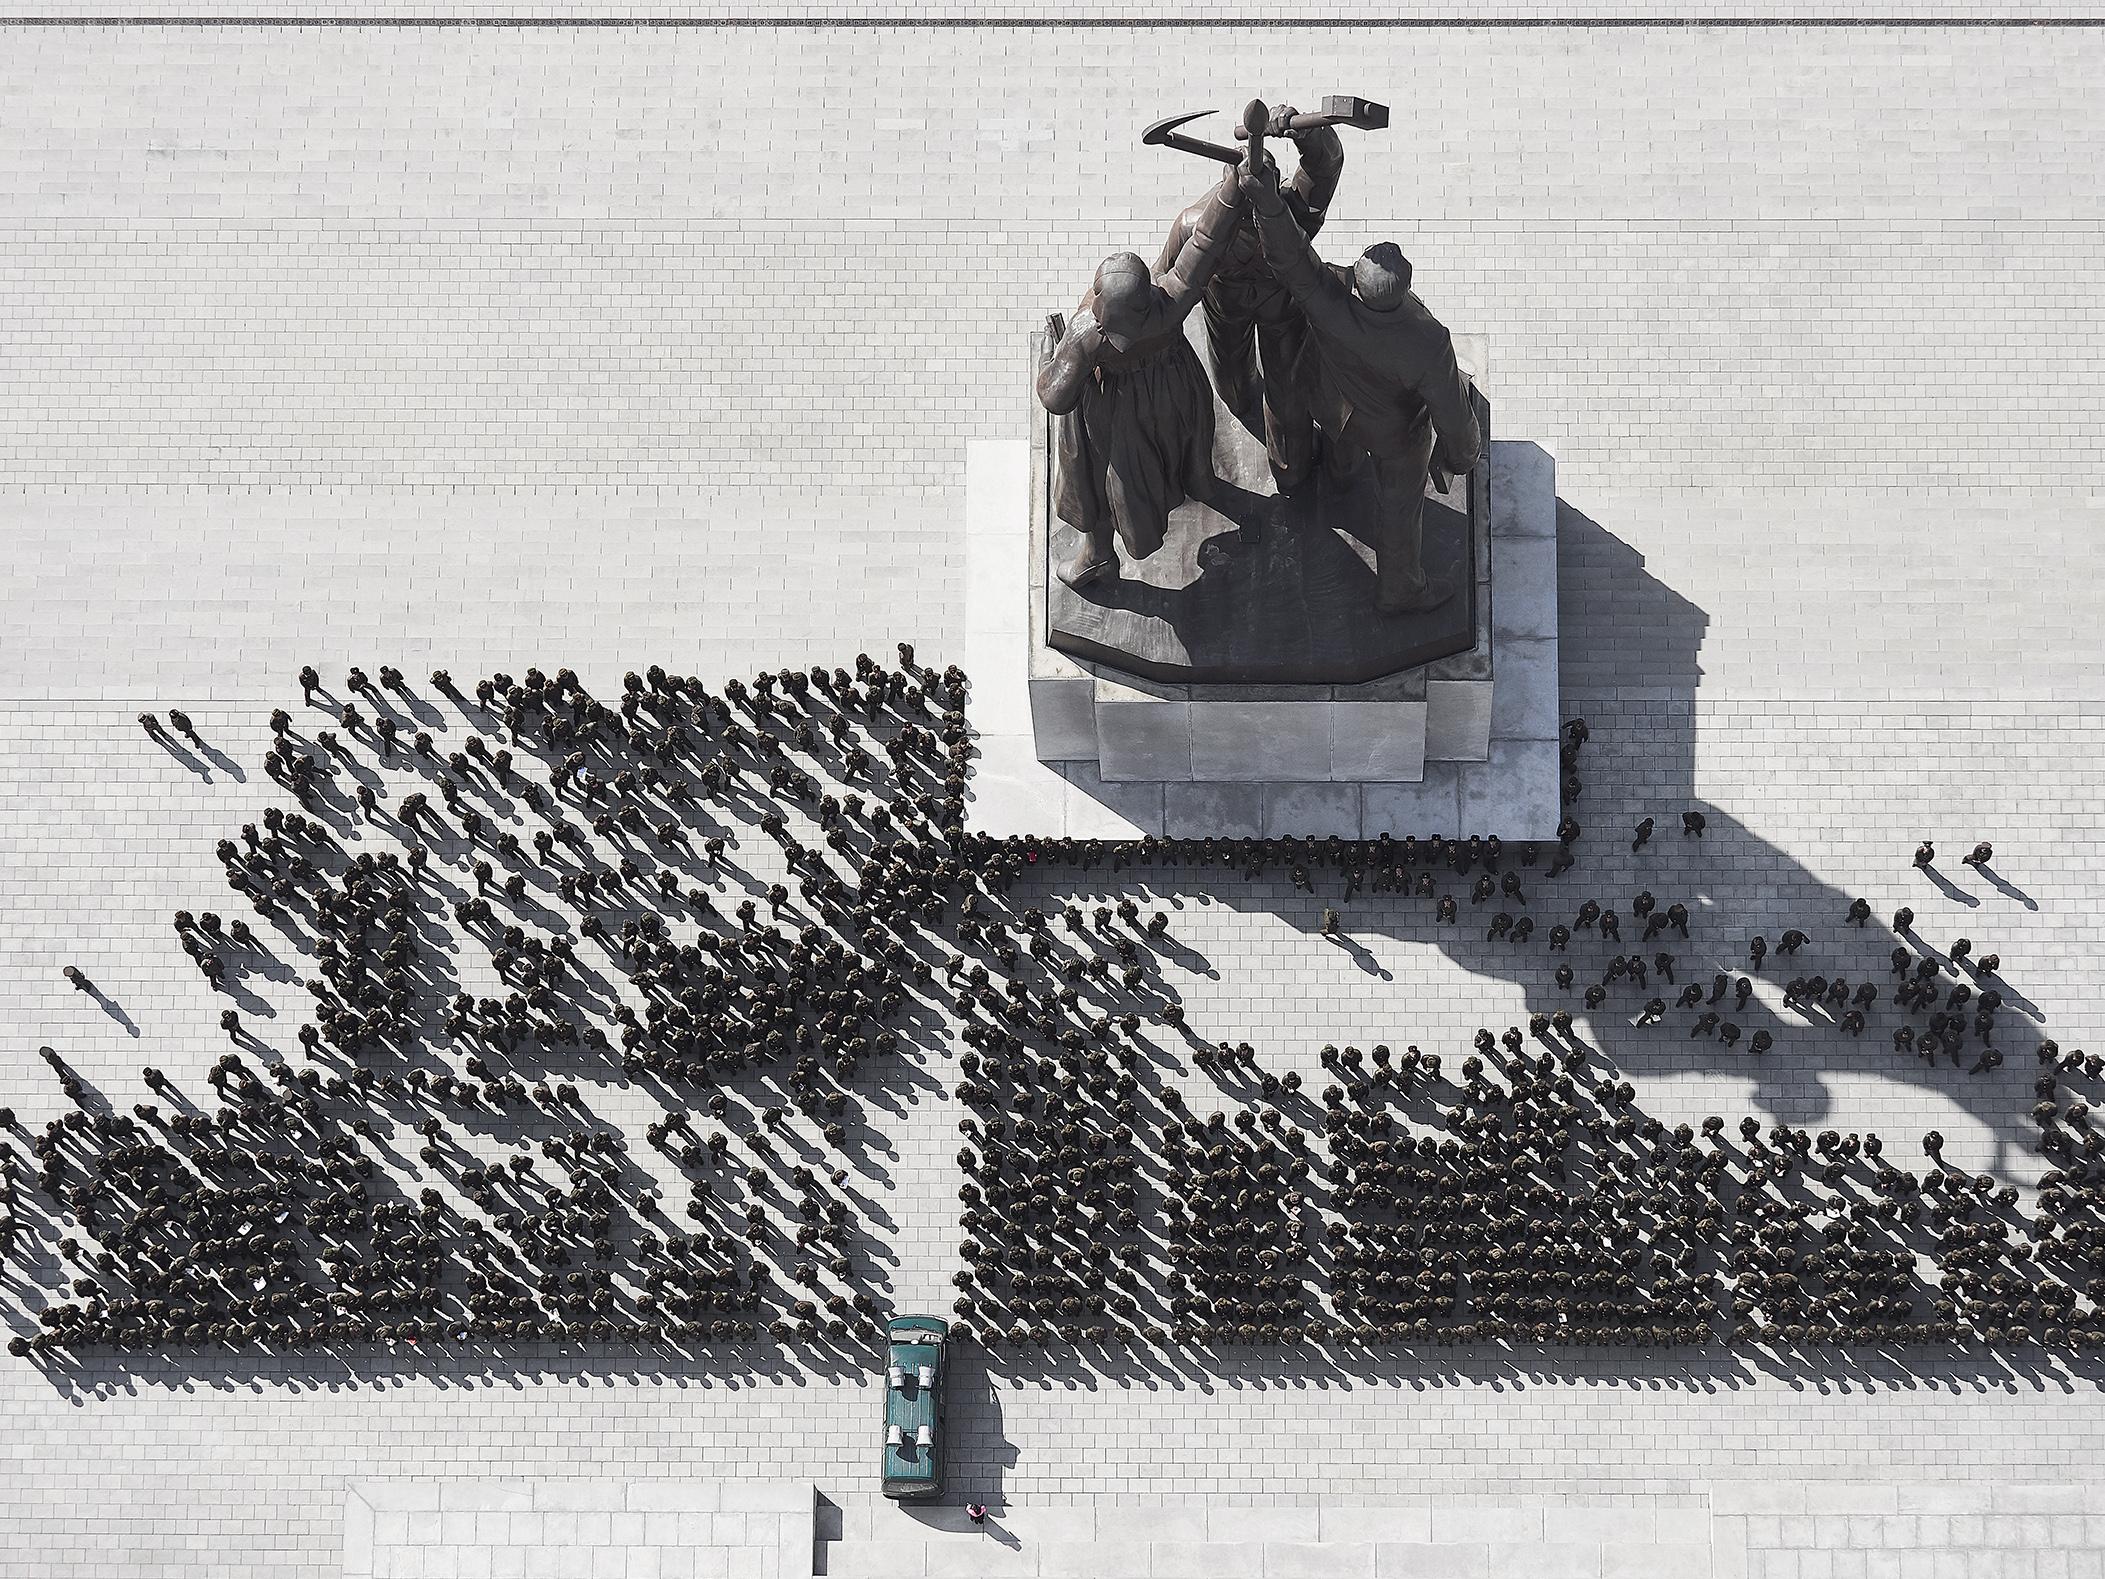 Juche Tower, Pyongyang